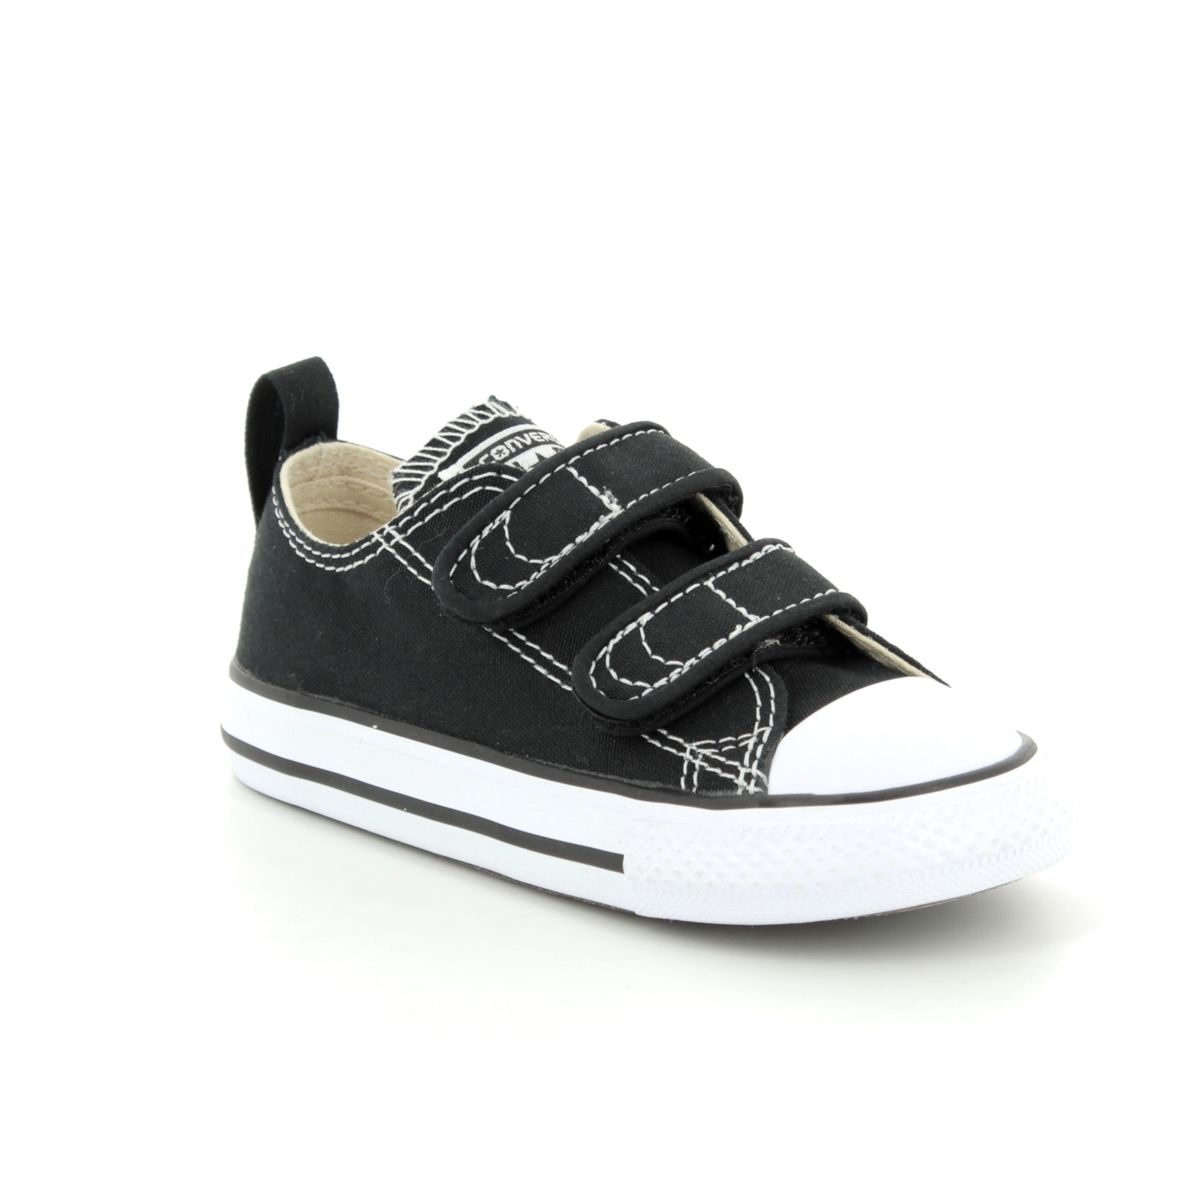 7a9c6c7b5834 Converse 7V603C 871 CHUCK TAYLOR 2V OX Velcro1 Black Kids trainers